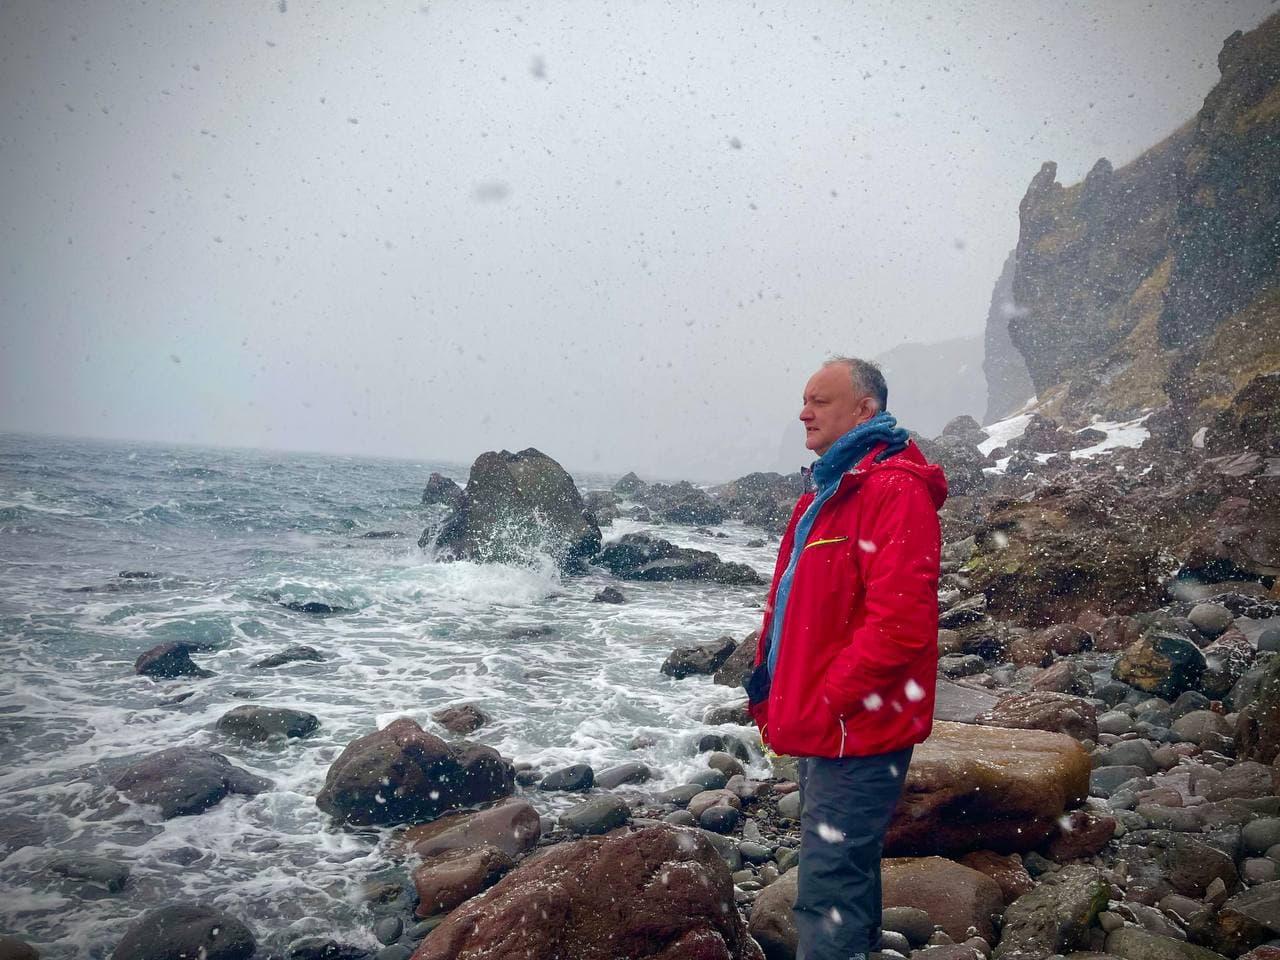 «Прекрасный повод для медитации». Додон провел свой день рождения наДальнем Востоке (ФОТО)